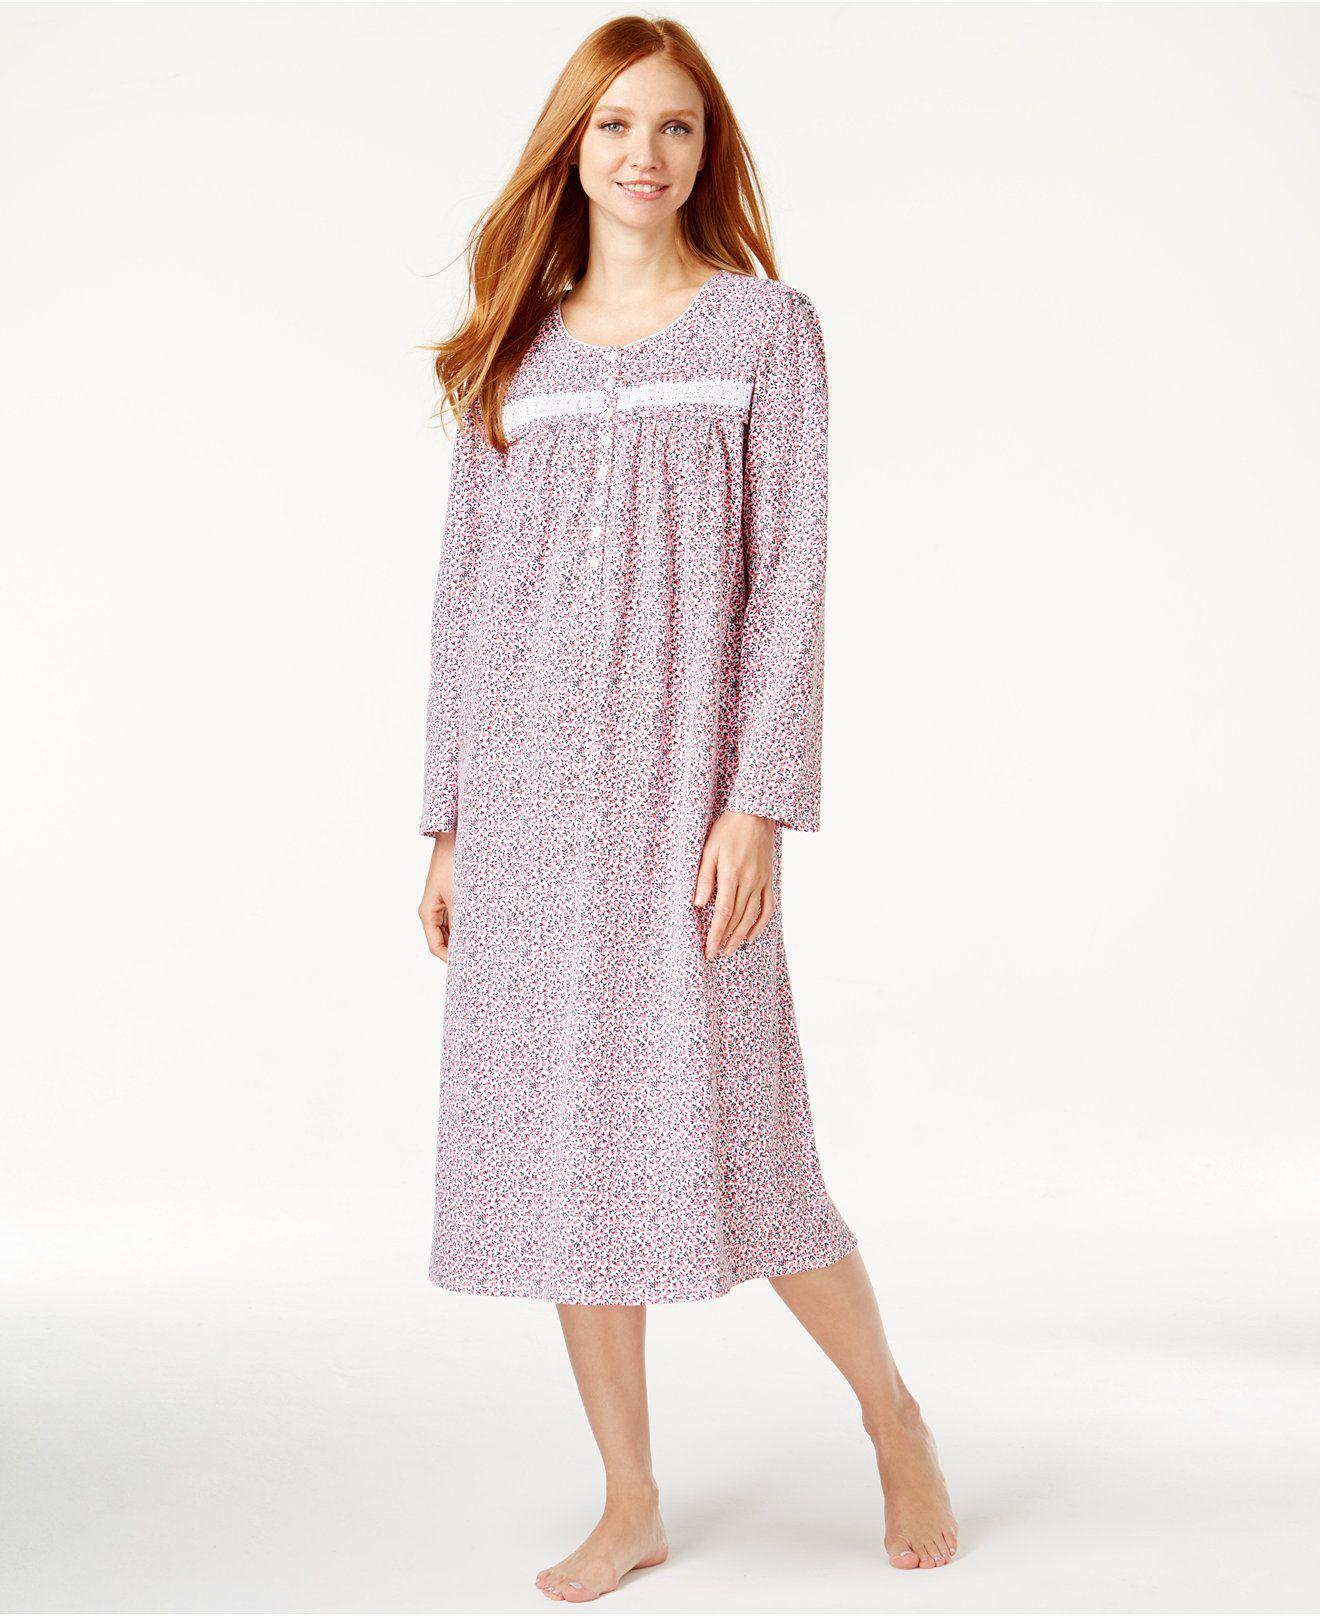 Eileen West Long Lace-Trim Nightgown - Bras, Panties & Shapewear ...